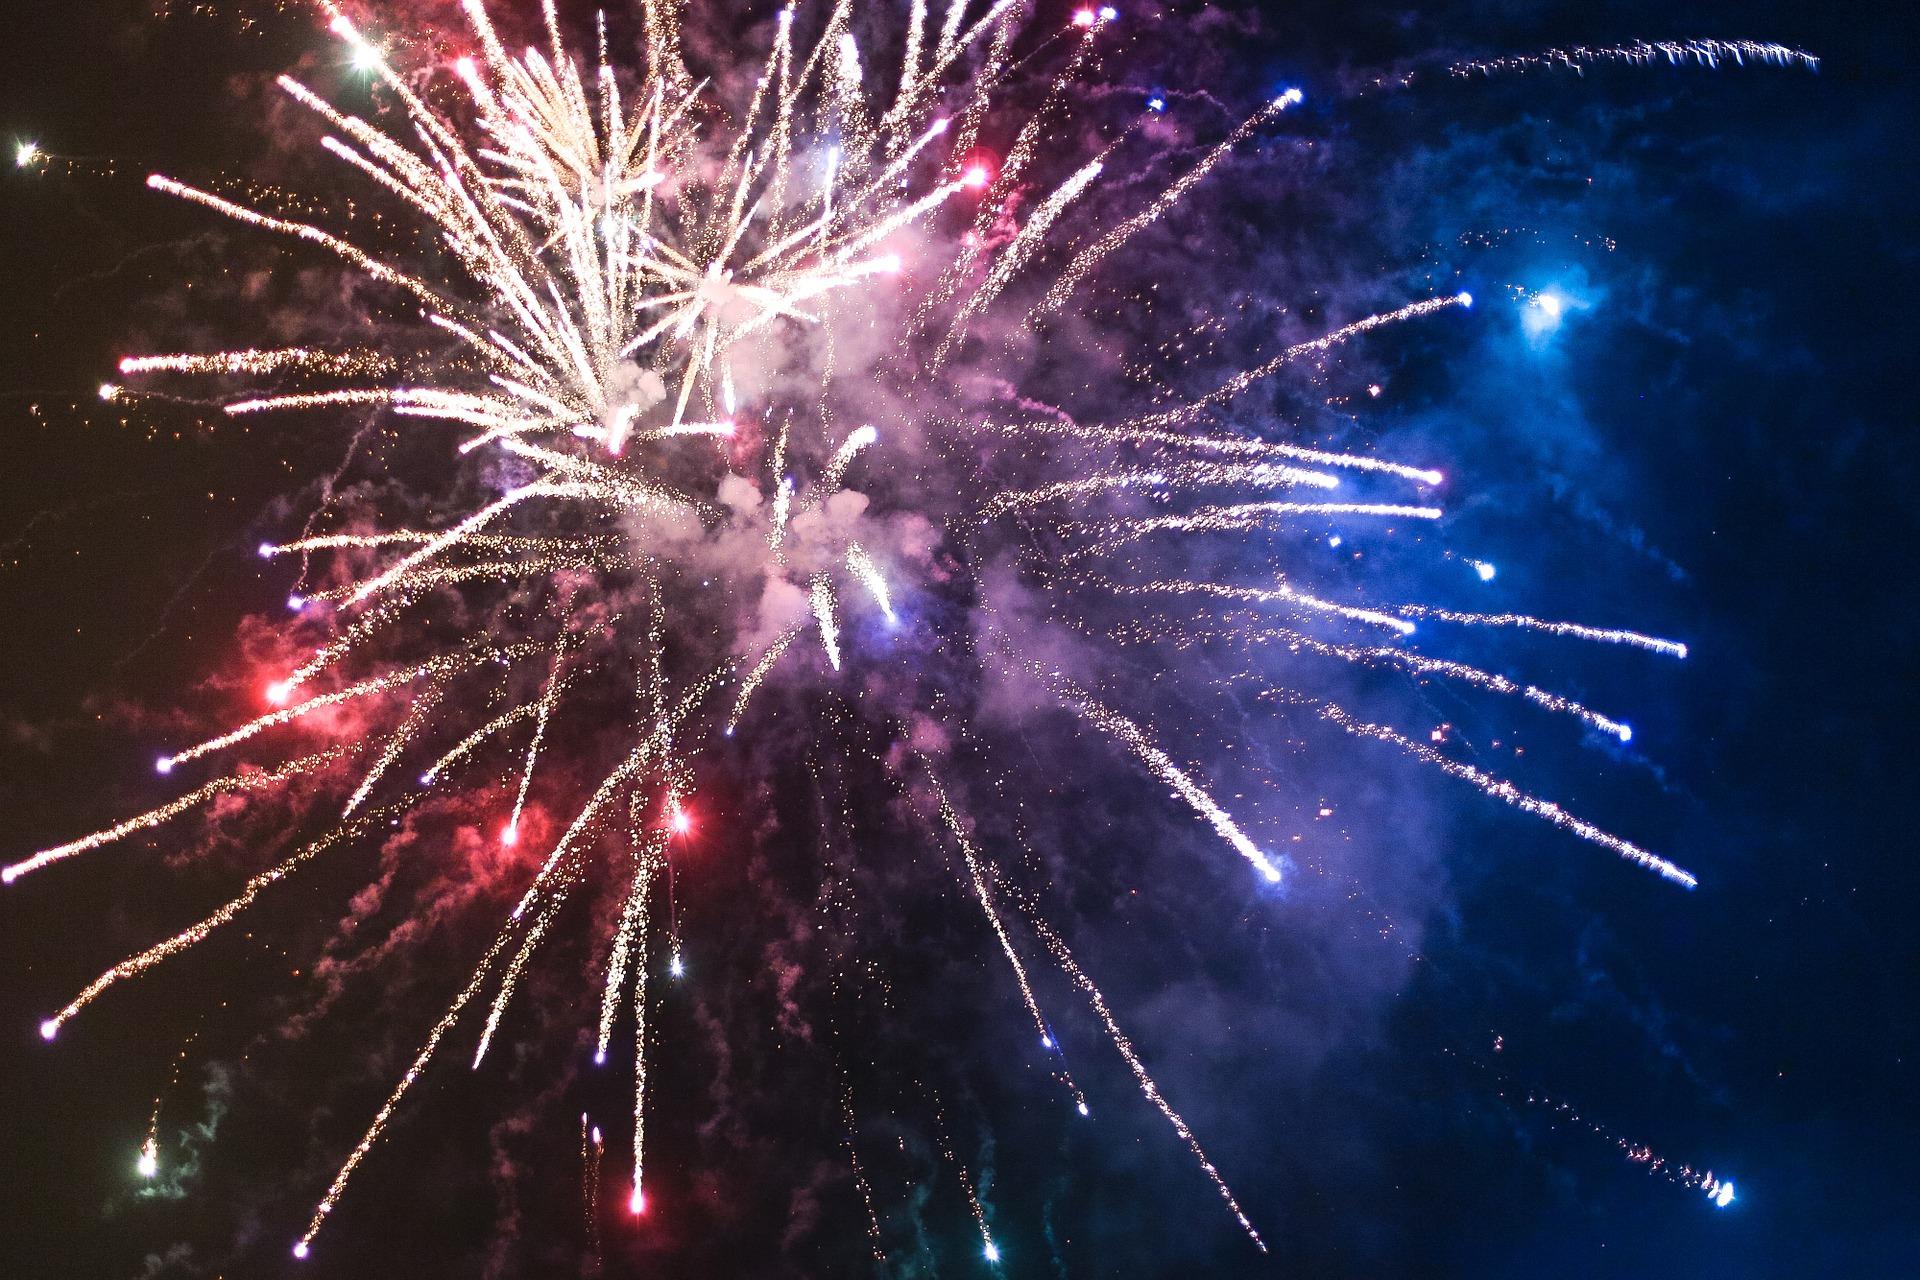 夜空に広がる大輪の美しい花火